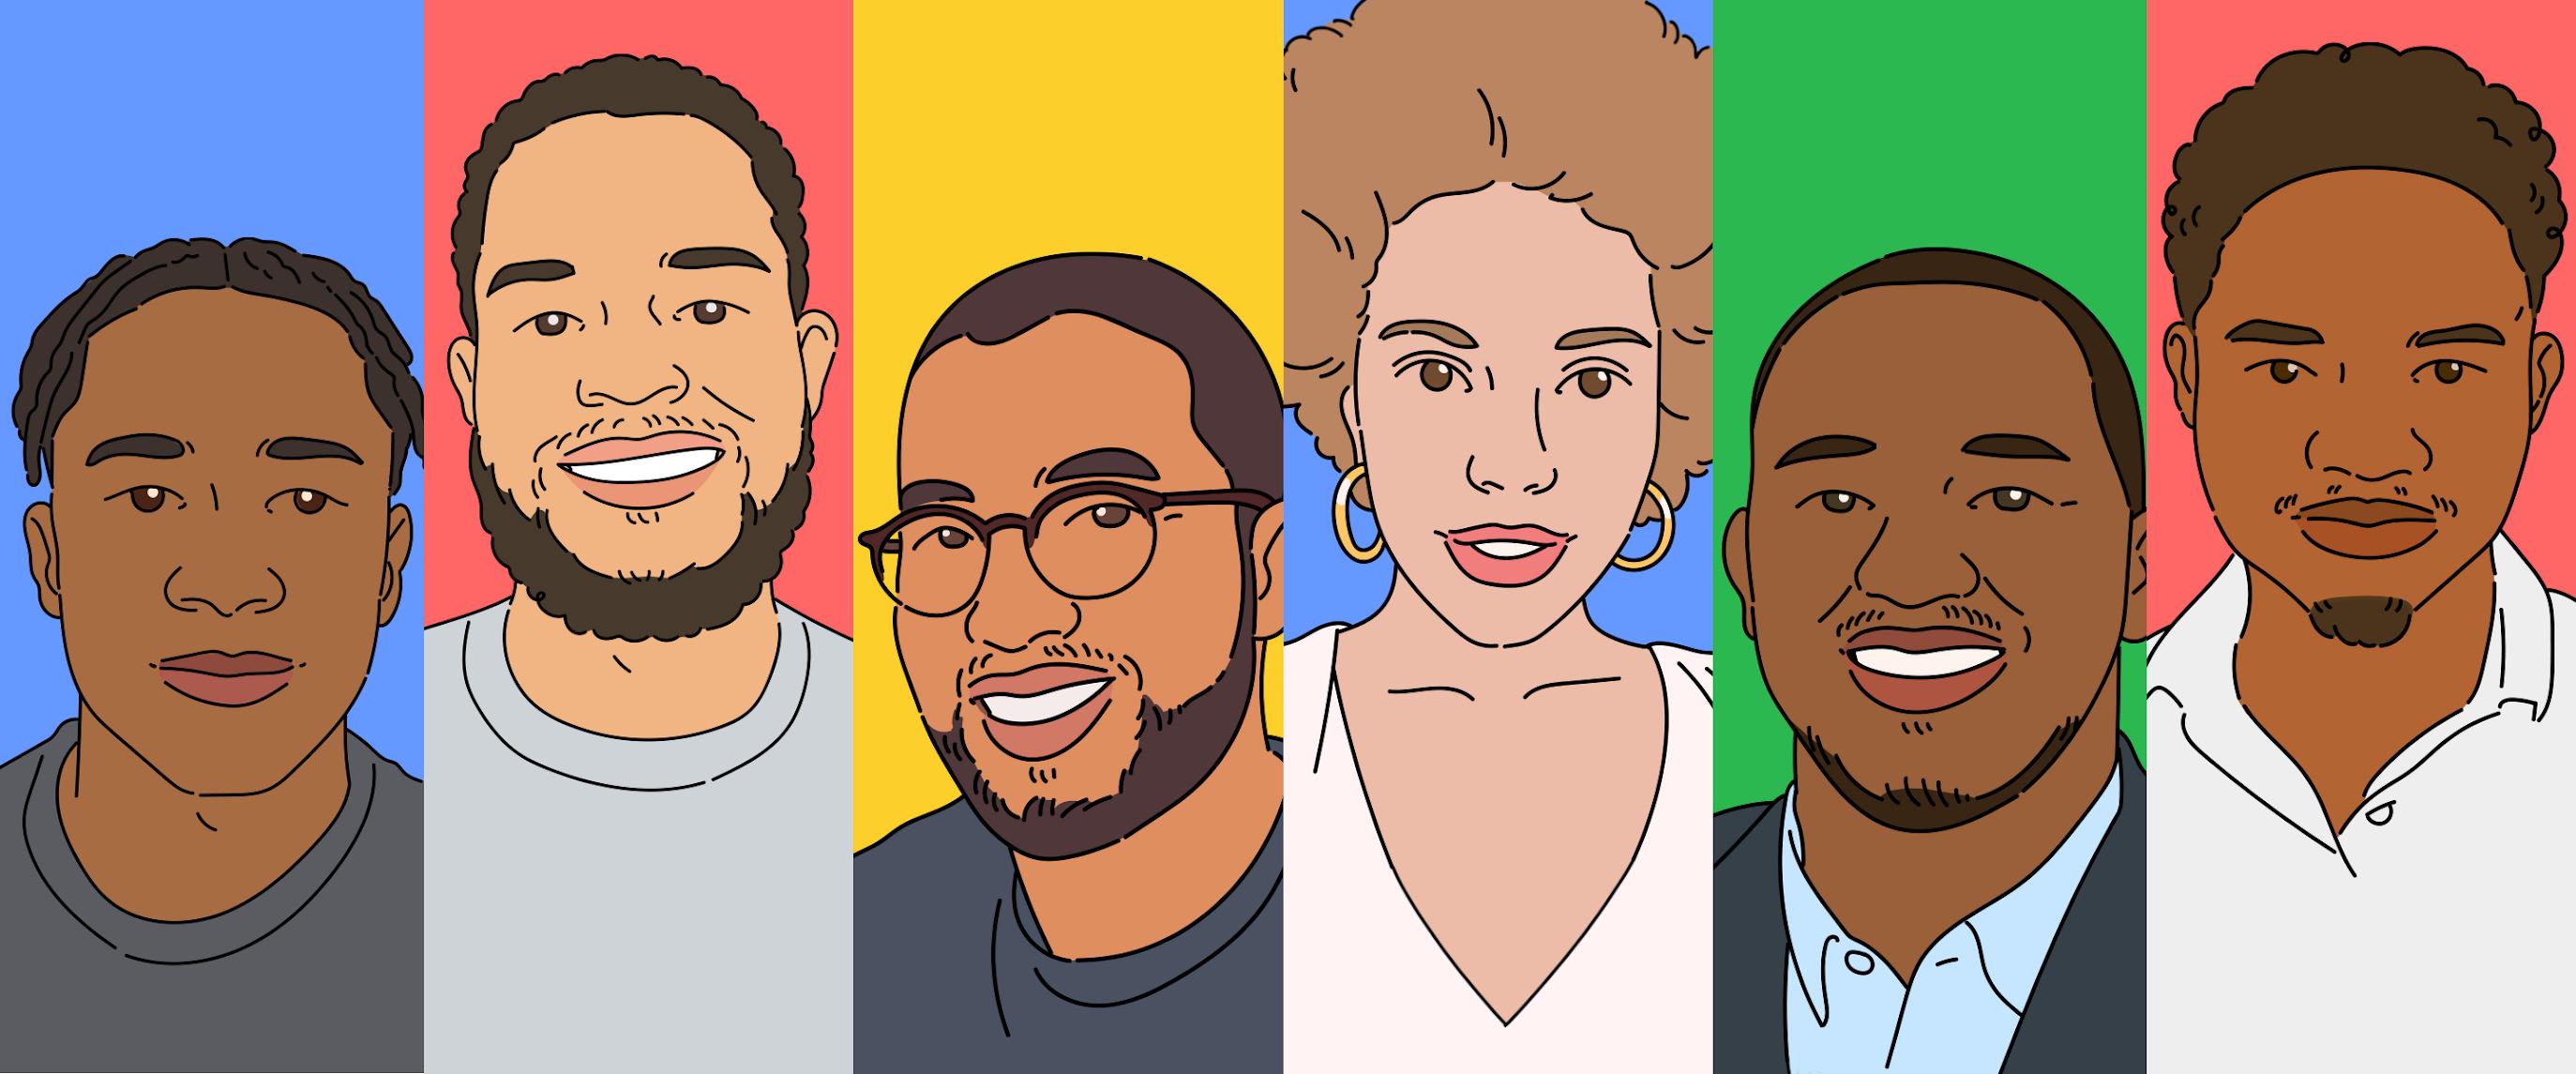 Illustration of 6 developers